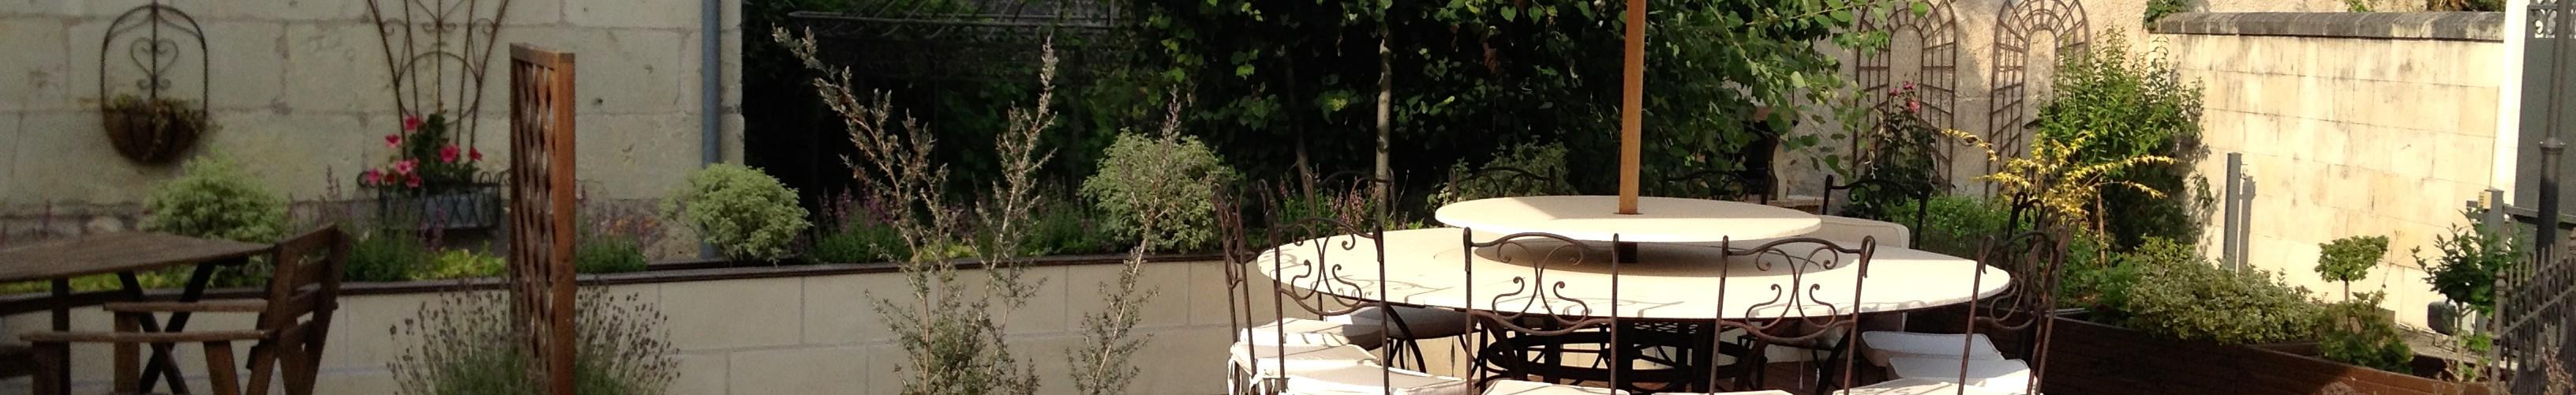 Terrasse Chambre d'hôtes L'Ange est rêveur Langeais 37